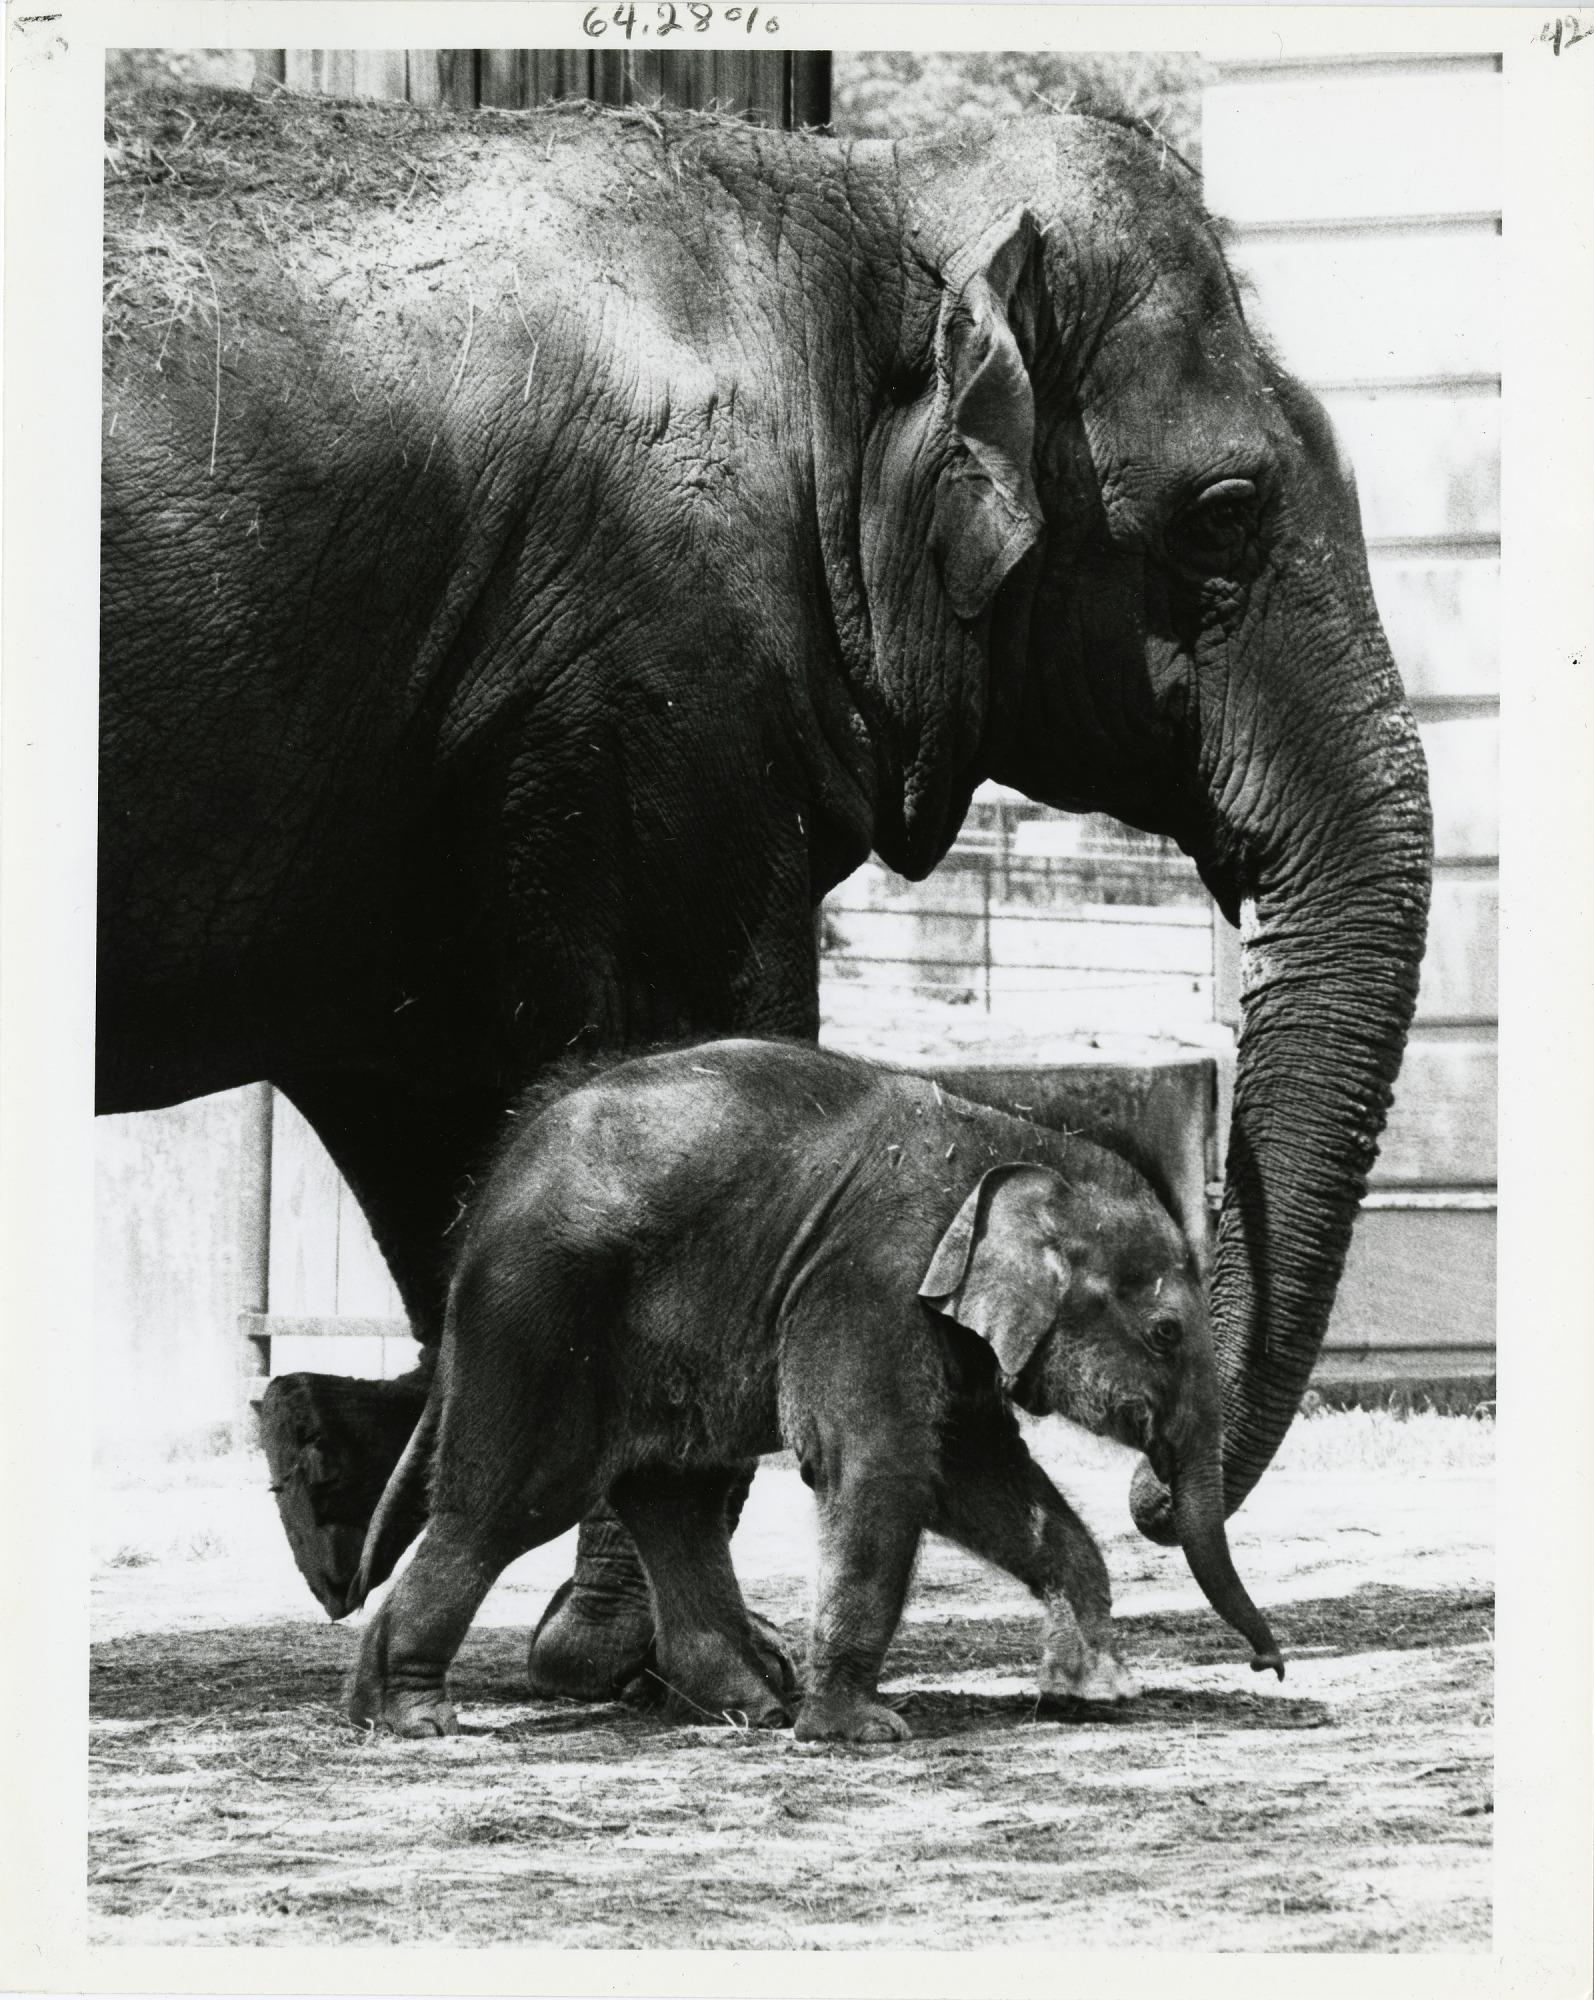 Mother Elephant Shanthi and her Baby Kumari